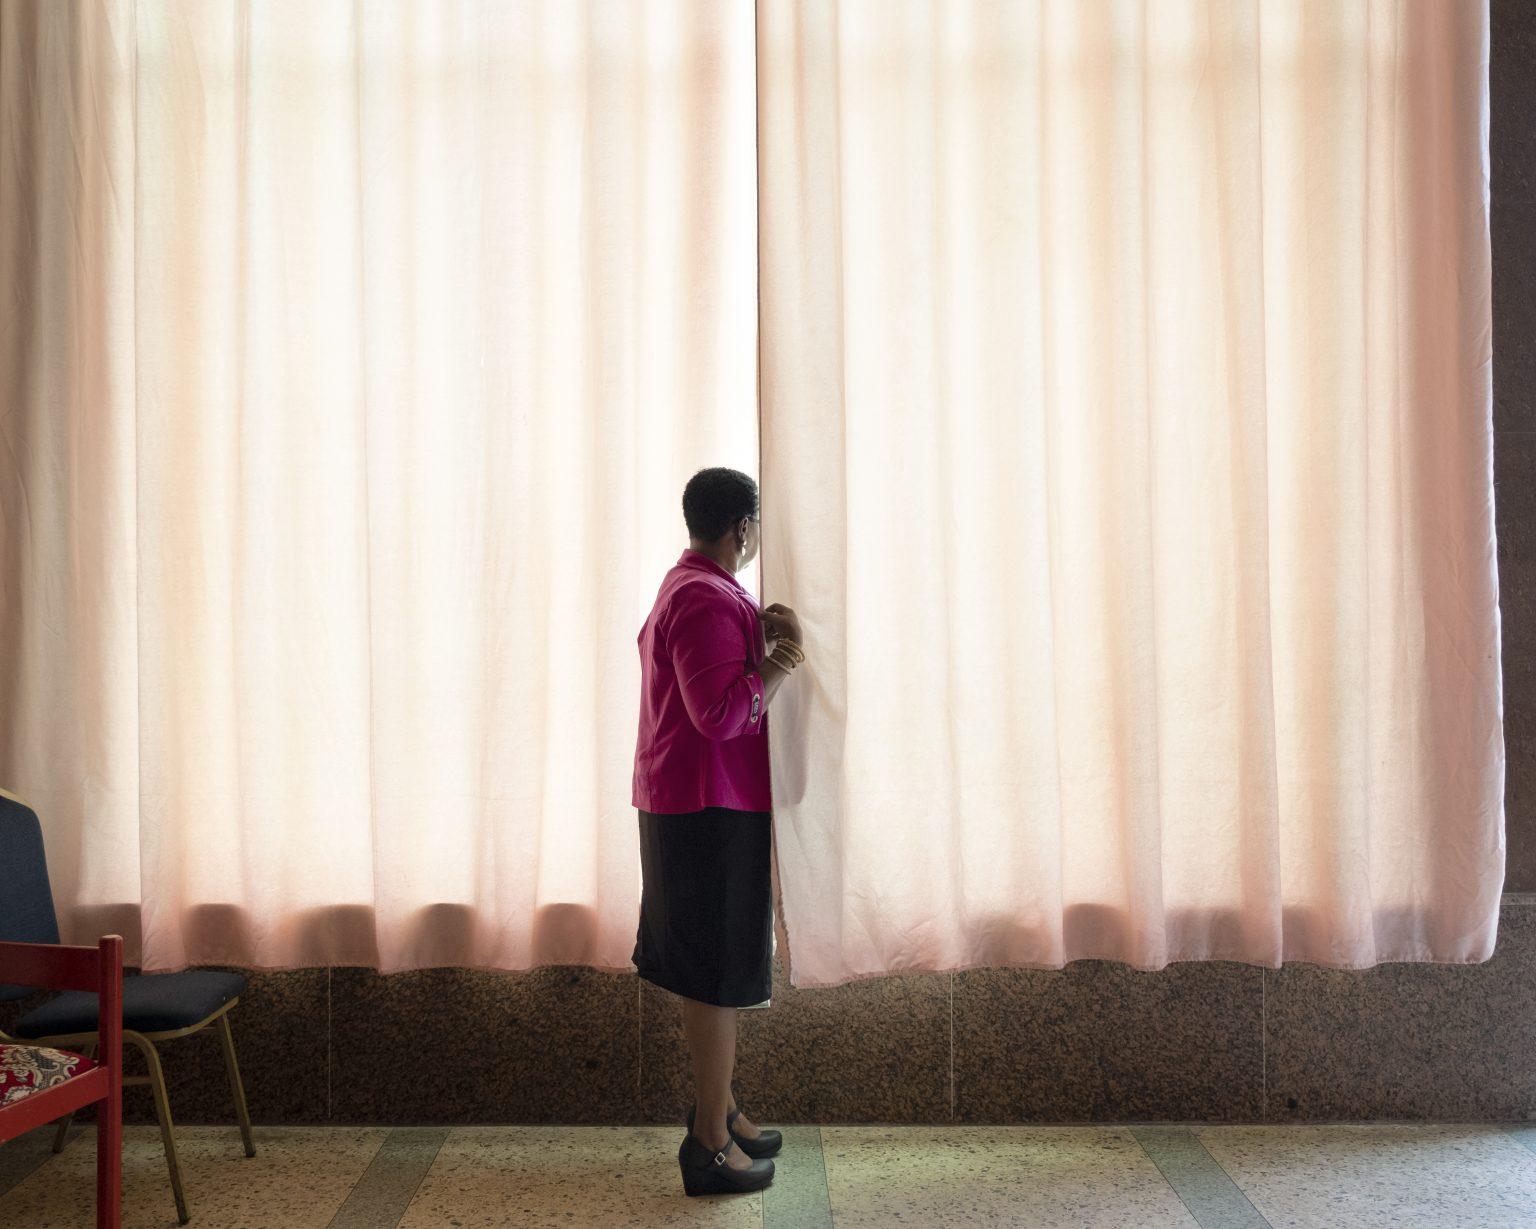 Monrovia (Liberia), October 2019 -  Neenai G., 47, is a Zoe by descent. She never wanted to perform female genital mutilation because the trauma of the cut she suffered accompanied her throughout her life. For having unveiled the psychological manipulation operated by the Zoe on girls, and having started awareness campaigns on women's rights in rural areas, she is threatened by the Sande societies and she can't reveal her identity to the media. >< Monrovia (Liberia), ottobre 2019 -  Neenai G., 47 anni, è una Zoe per discendenza. Non ha mai voluto praticare la mutilazione genitale femminile perché il trauma del taglio da lei stessa subìto l'ha accompagnata per tutta la vita. Per aver svelato la manipolazione psicologica operata dalle Zoe sulle ragazze, e avviato una sensibilizzazione sui diritti delle donne nelle aree rurali, è minacciata dalle società Sande e non può svelare la sua identità ai media.